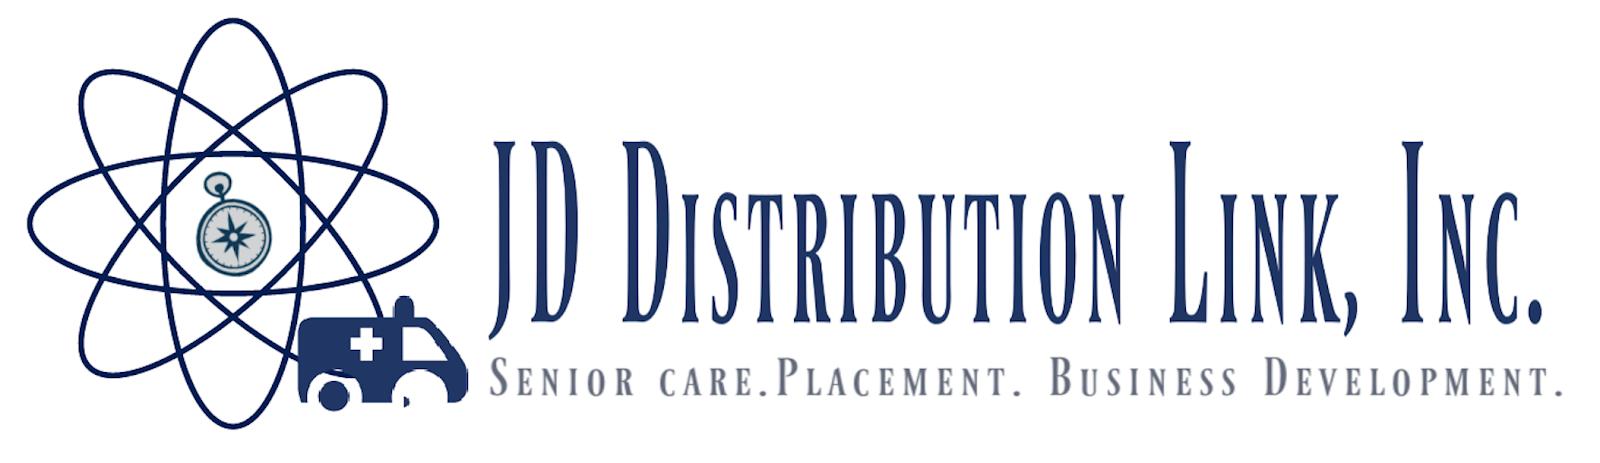 JD Distribution Link Inc.